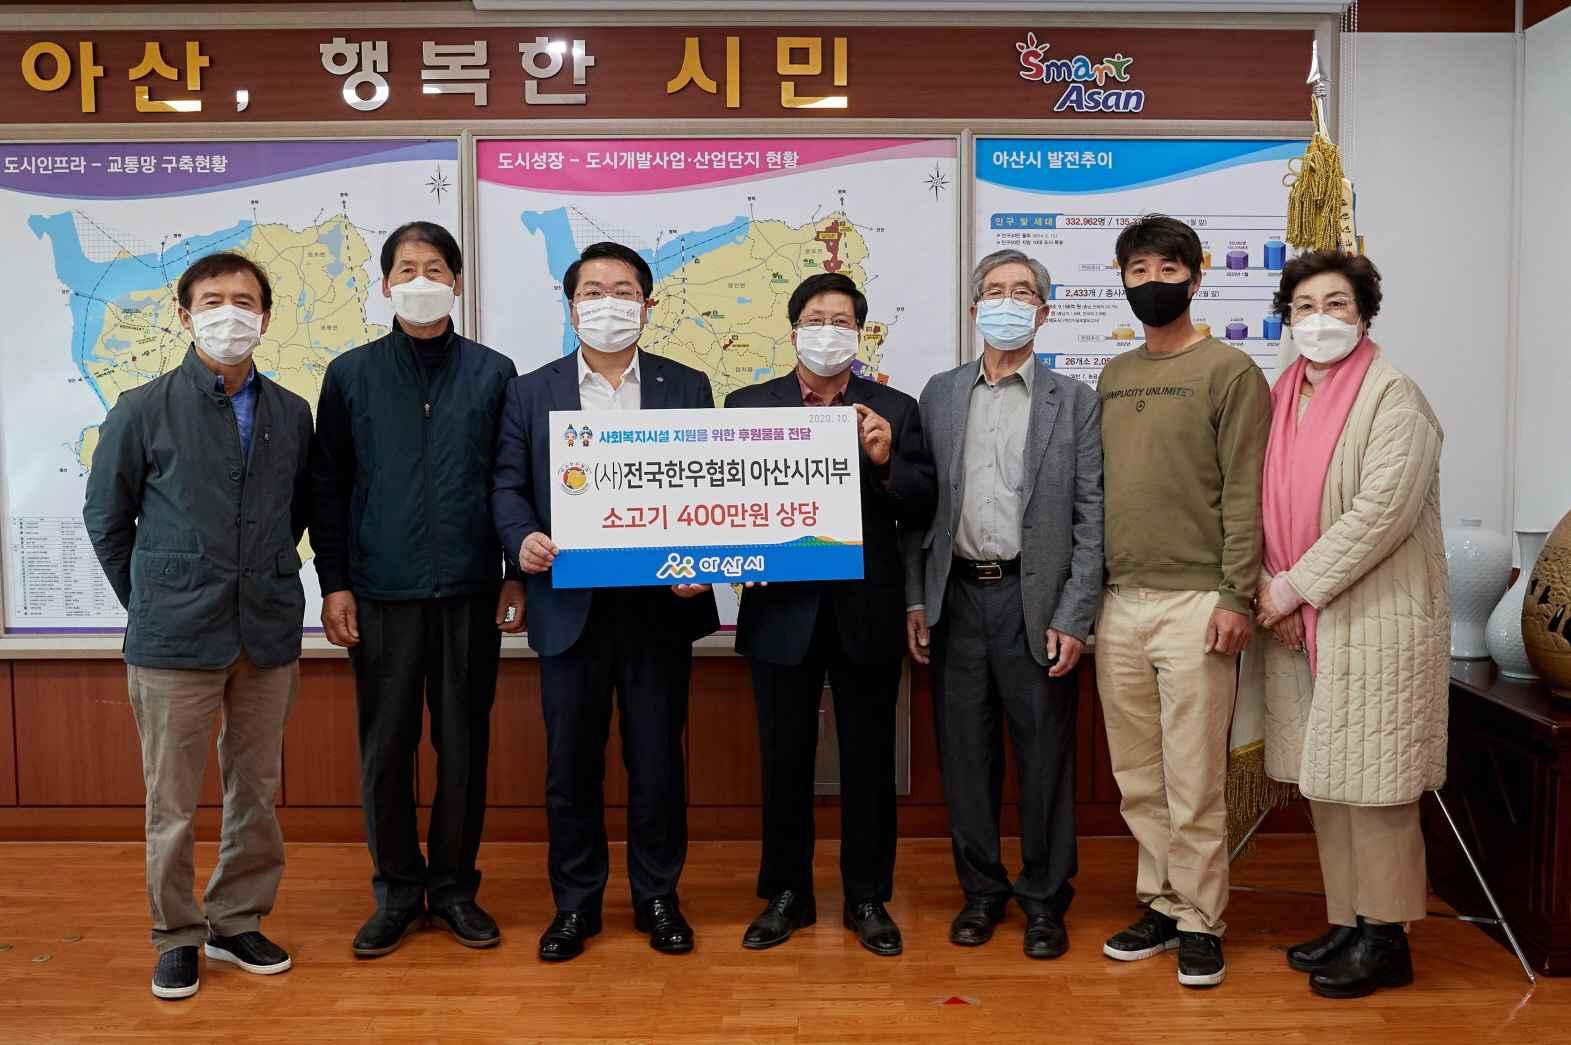 (사)전국한우협회 아산시지부, 관내 사회복지시설 지원을 위한 소고기 후원 관련사진